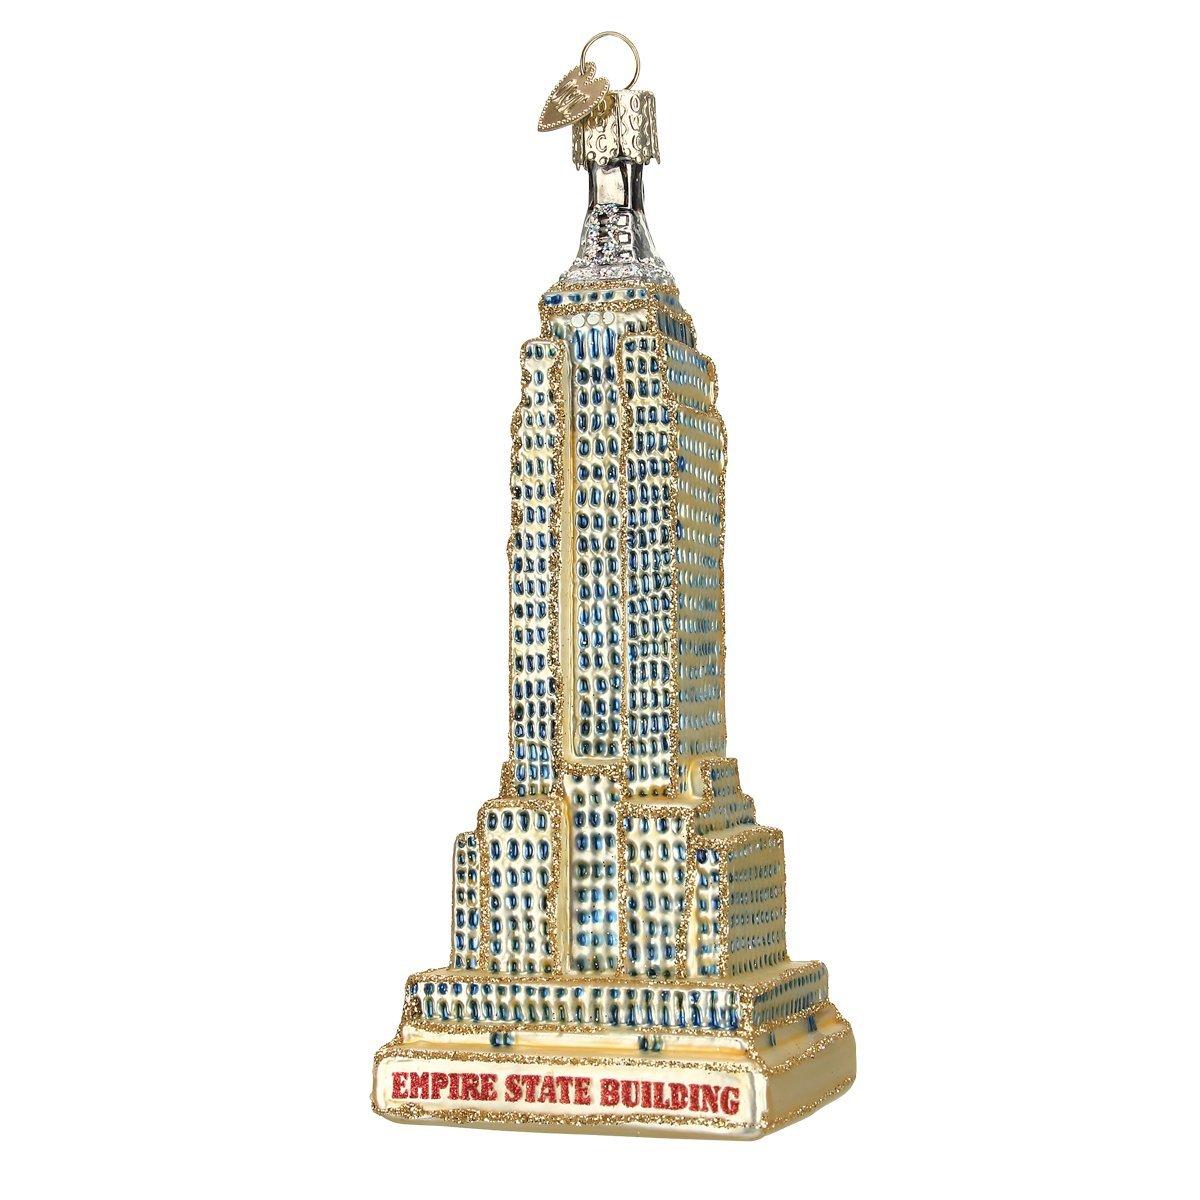 Old World Weihnachten Empire State Building Glas geblasen Ornament